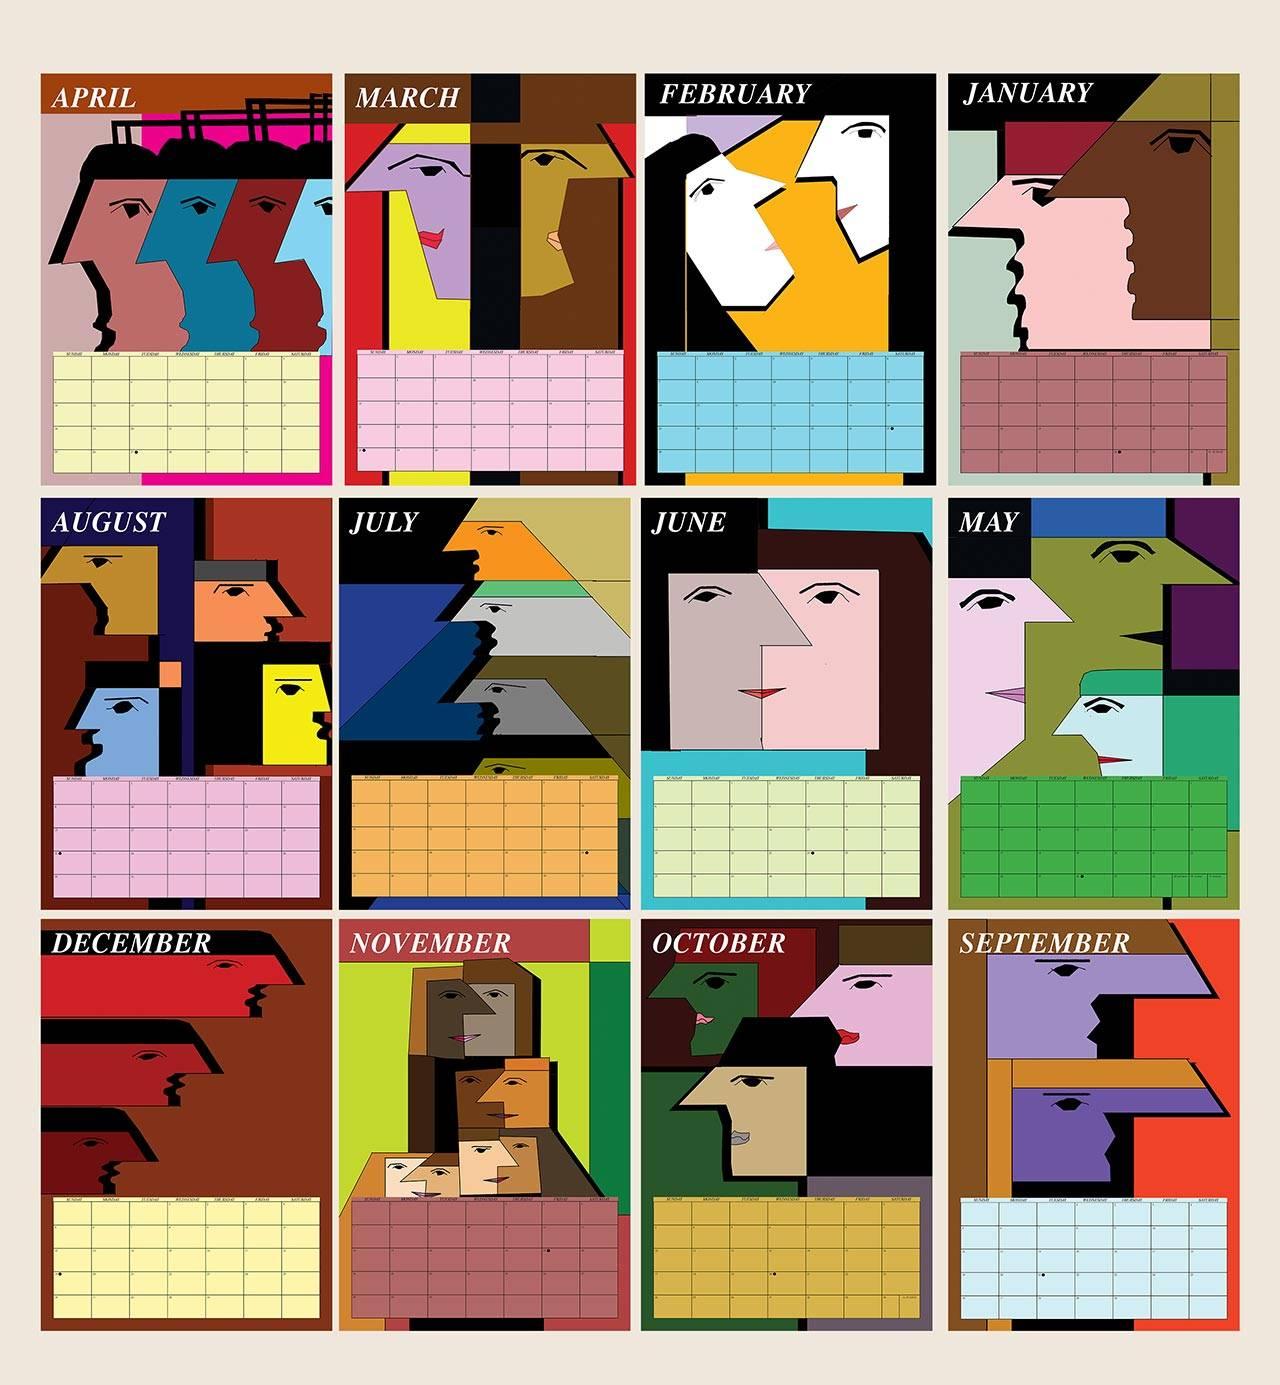 לוח השנה של רותי דה פריס